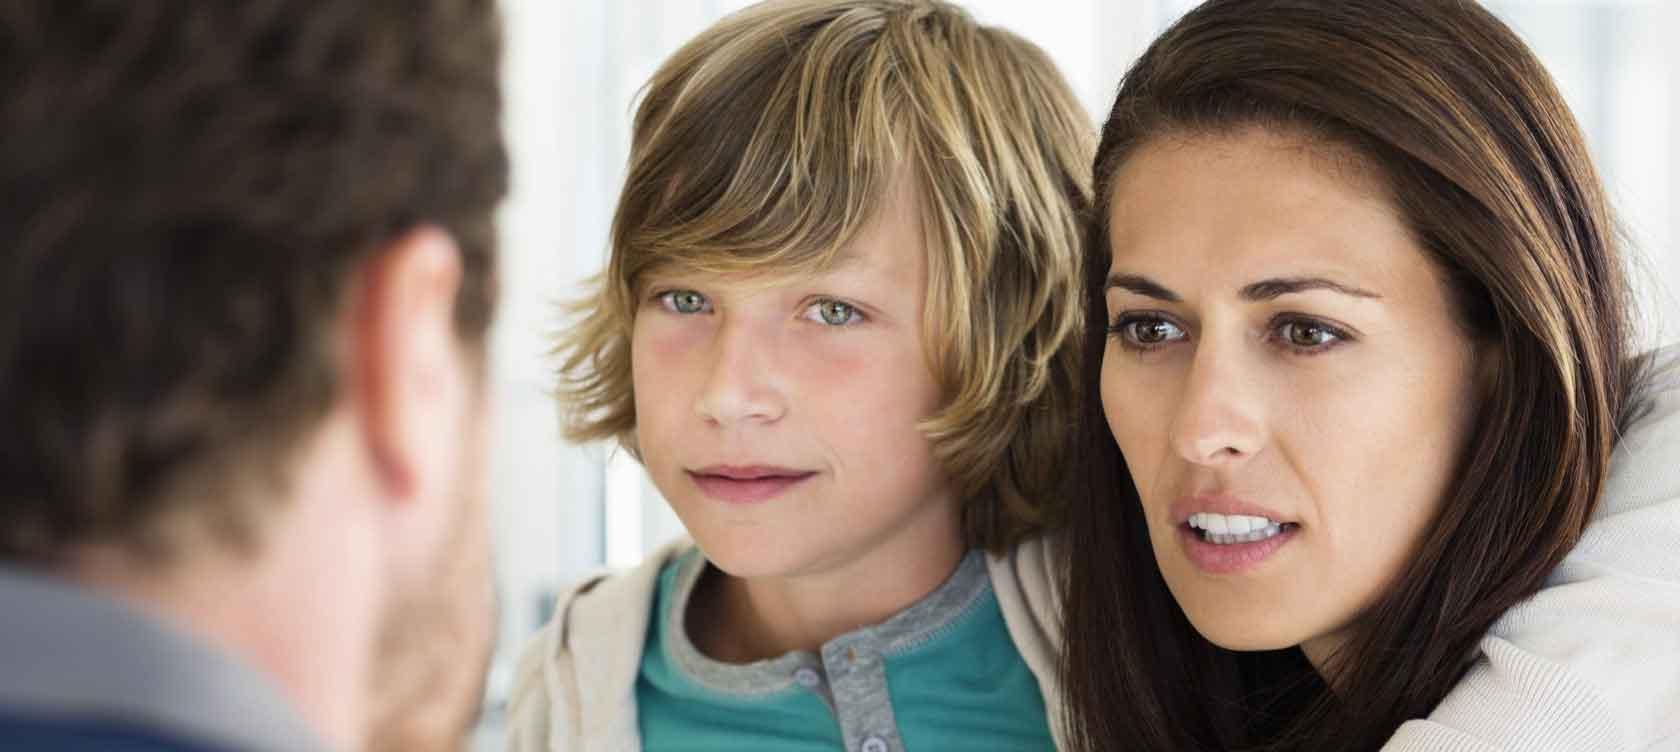 بهترین اقدام حین عصبانی شدن از فرزندان چیست؟